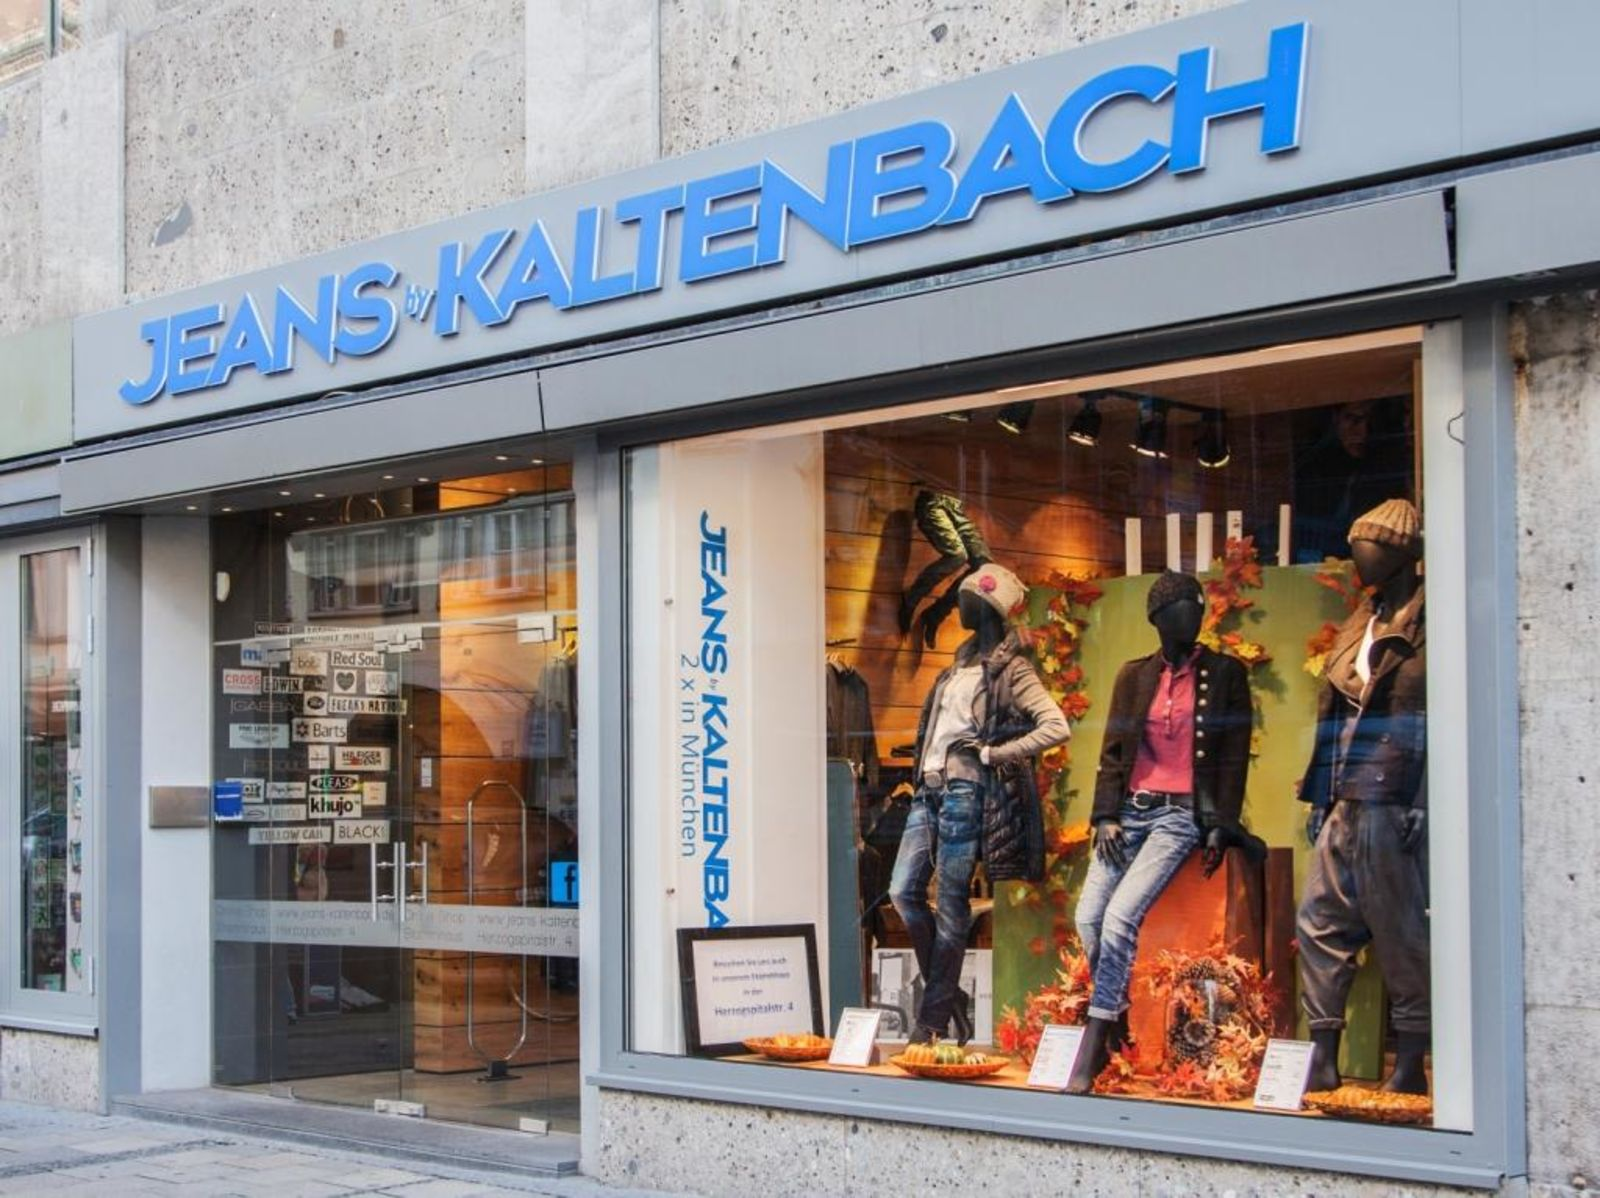 Jeans by Kaltenbach in München (Bild 11)